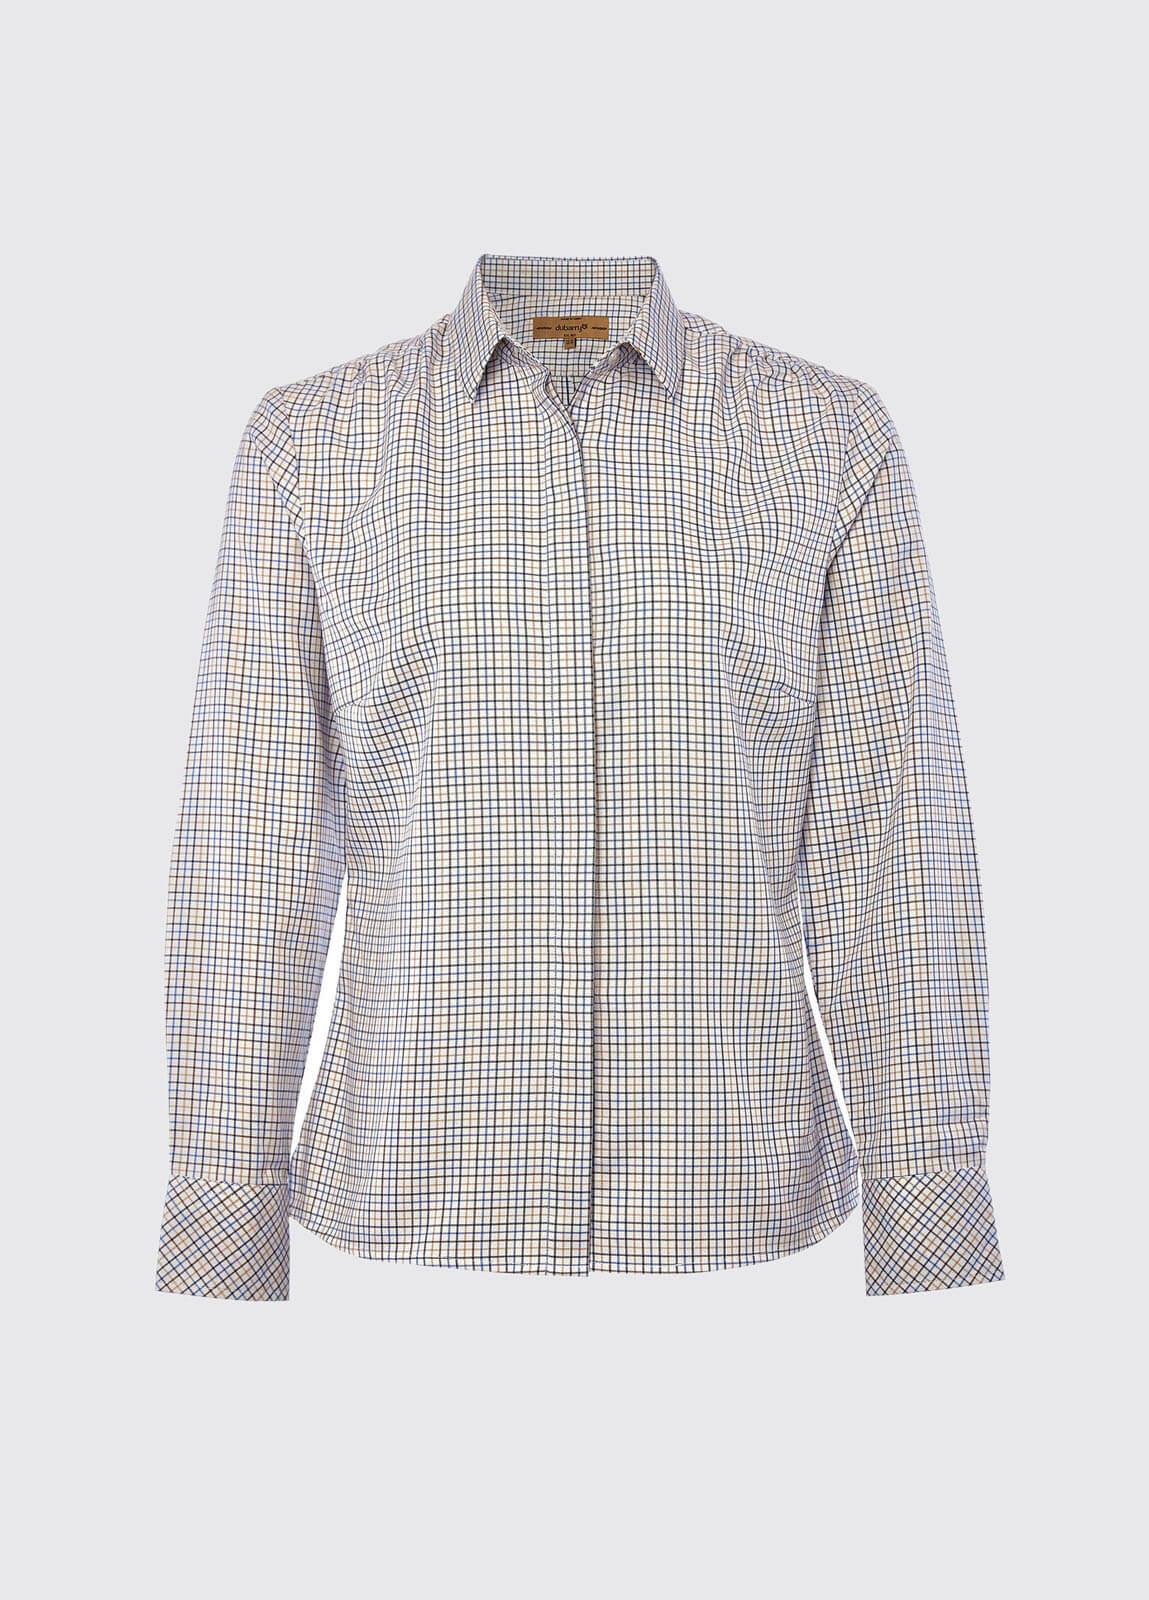 Meadow Shirt - Beige Multi